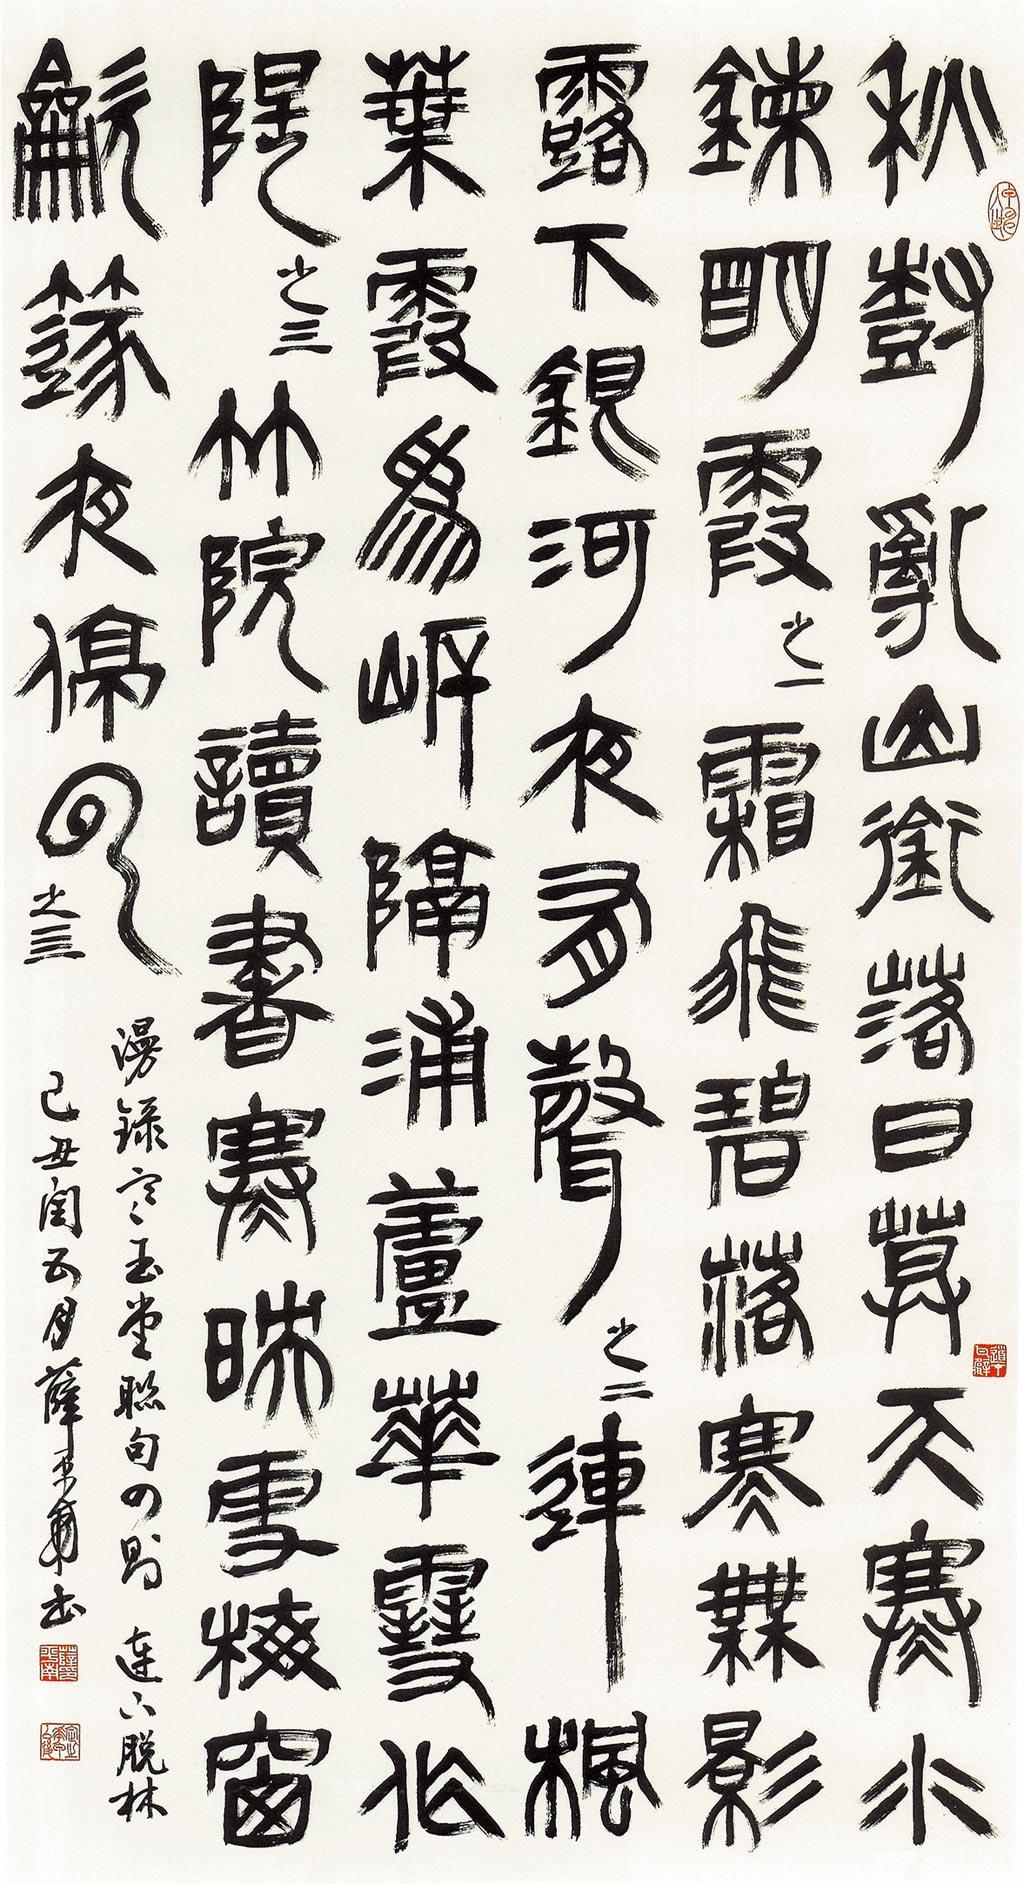 薛平南,《寒玉堂聯文四則》,古隸中堂,136x68cm,2009年。圖片提供長歌藝術傳播